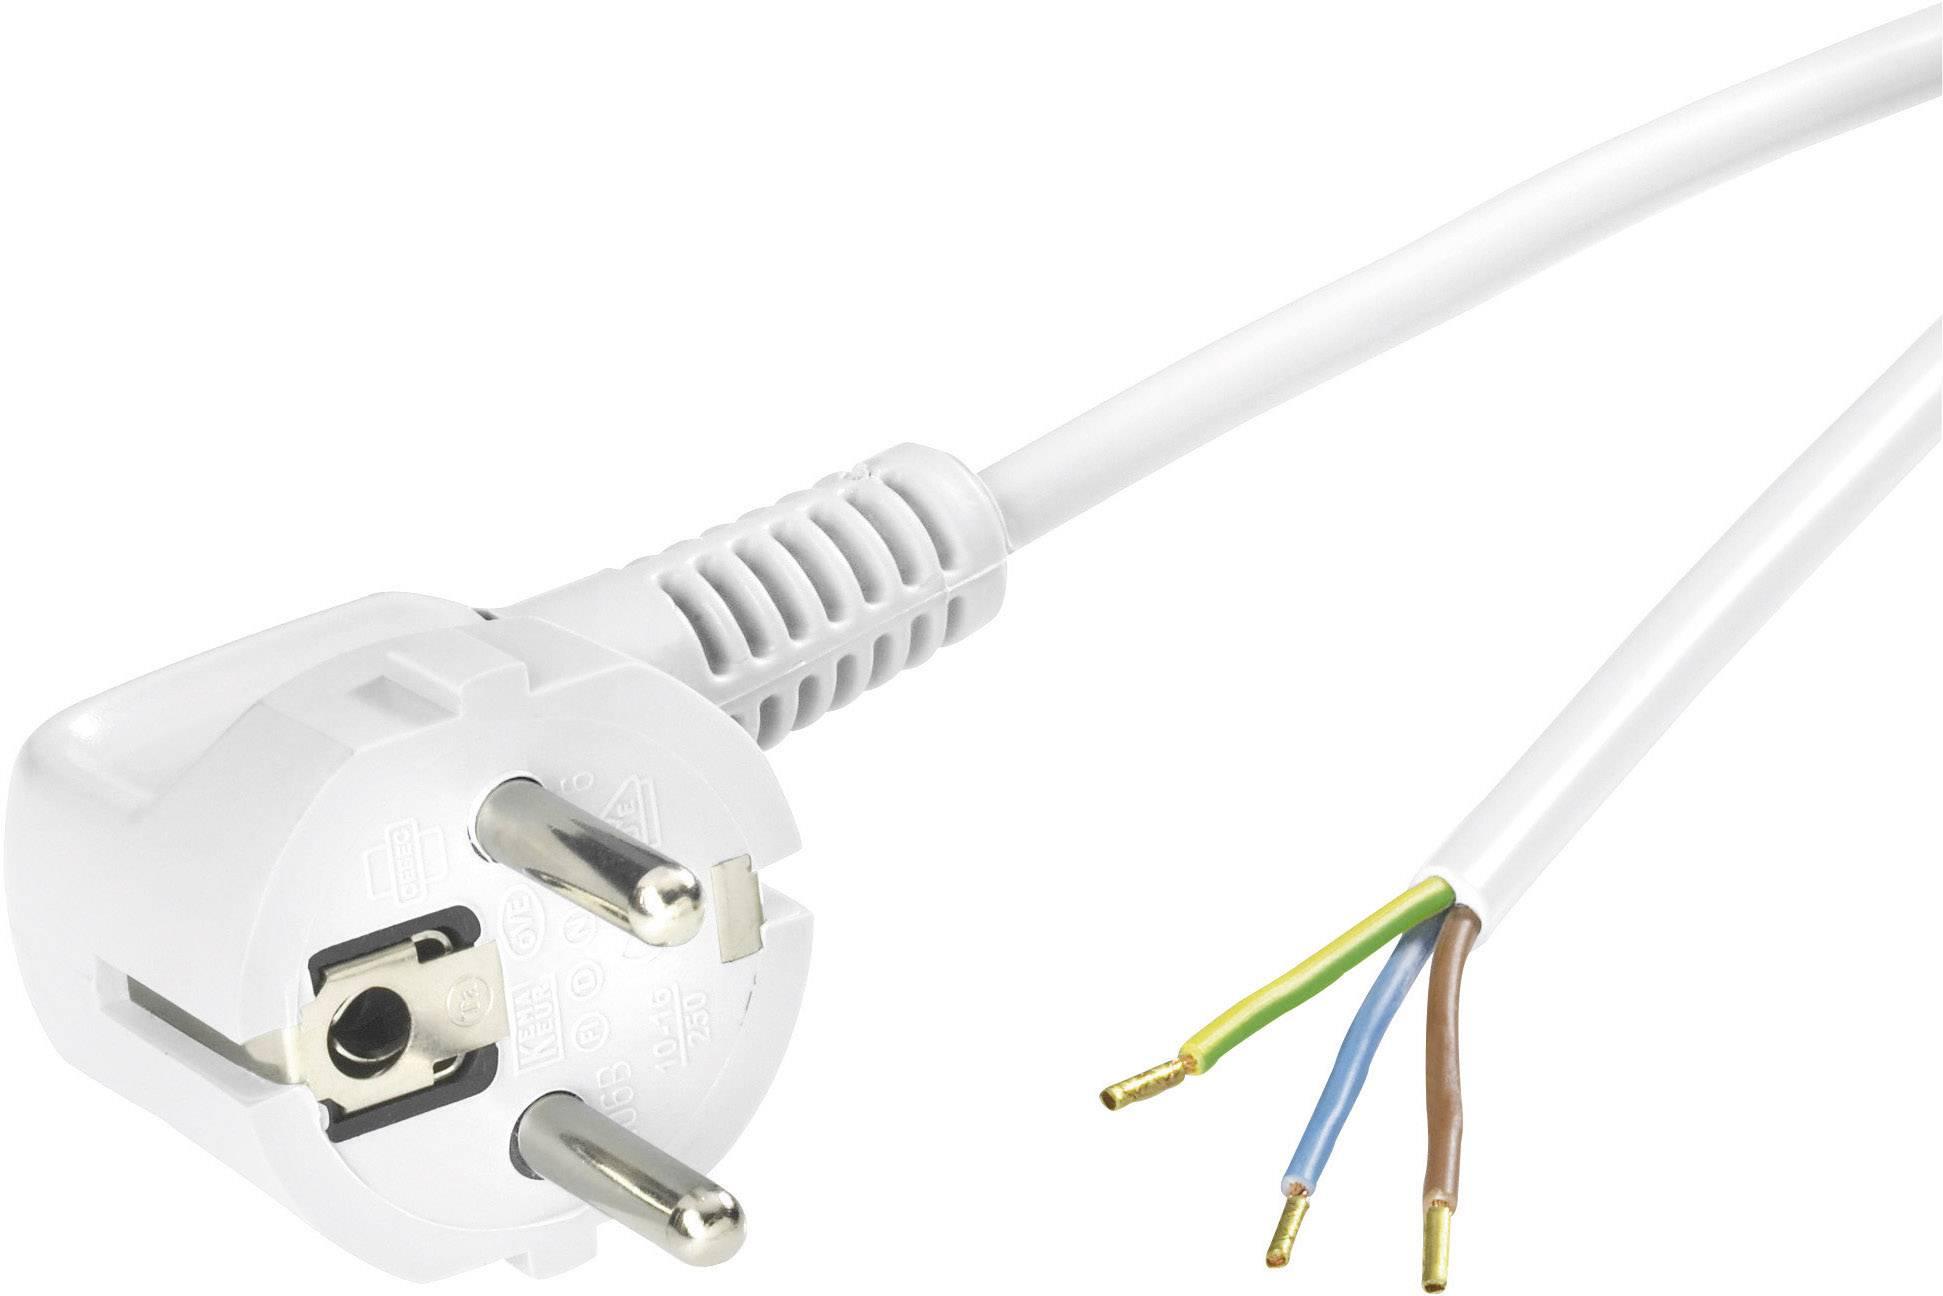 Připojovací kabel NETZFLEXR H03VV-F 3G 0,75 bílý